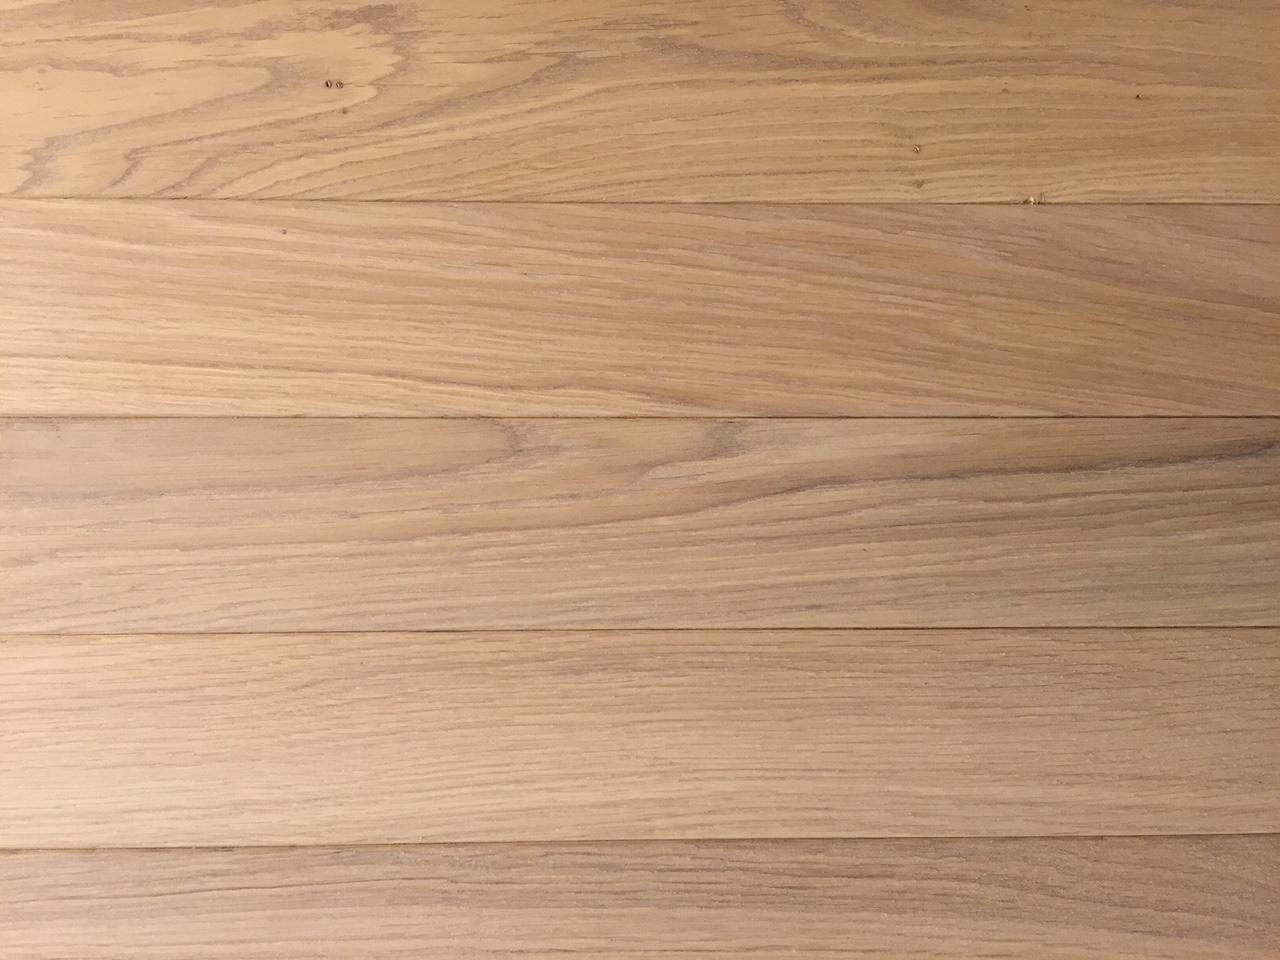 Texture pavimento finto legno: pavimento effetto legno: pavimenti e